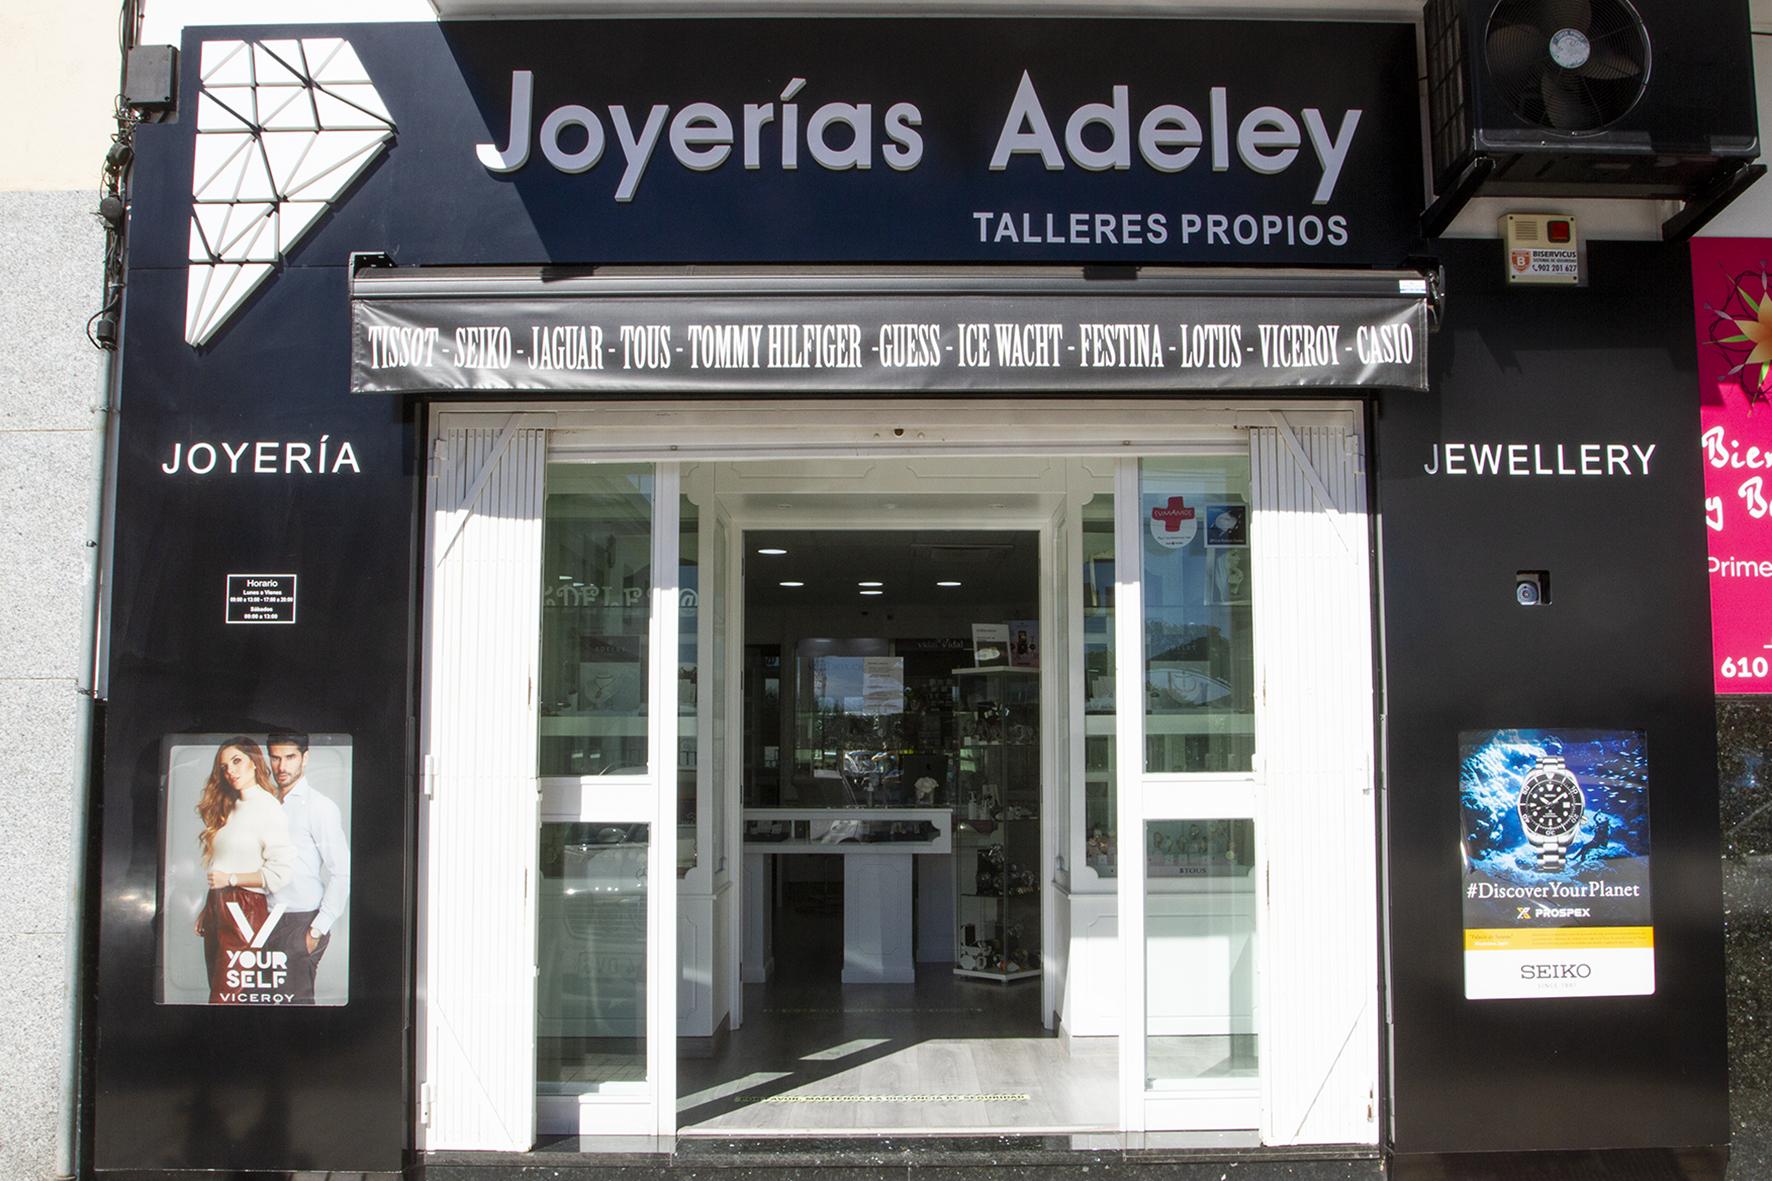 JOYERIA ADELEY_MG_7806